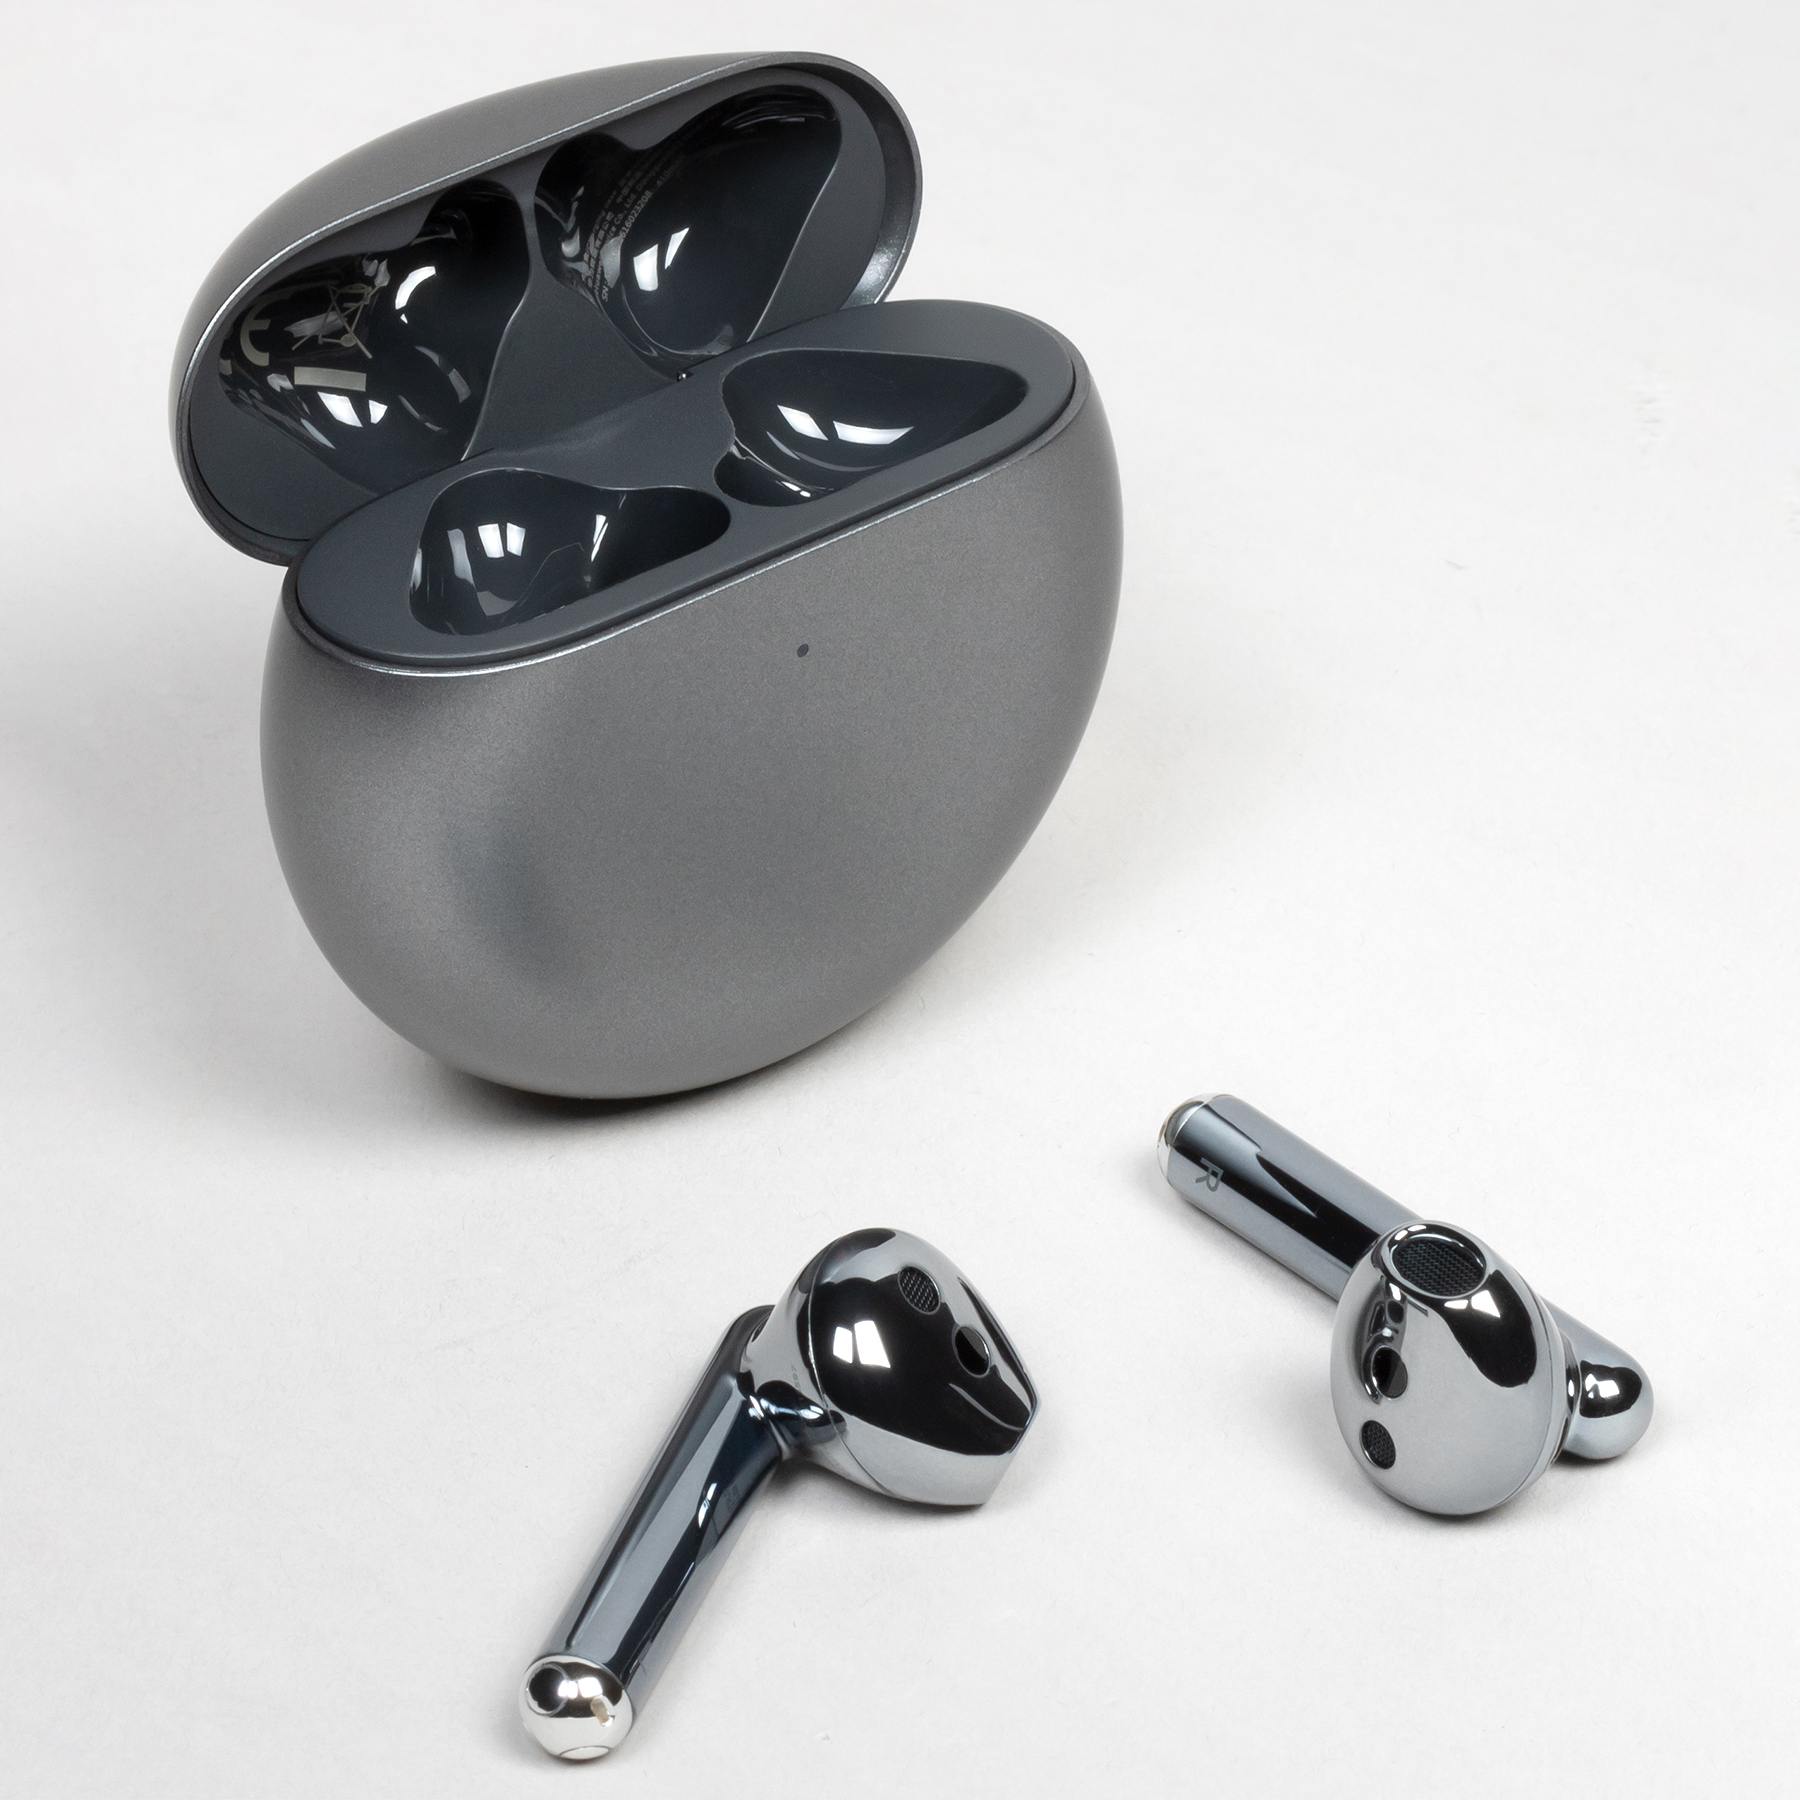 TWS-гарнитура Huawei FreeBuds 4: беспроводное подключение к двум источникам, активное шумоподавление